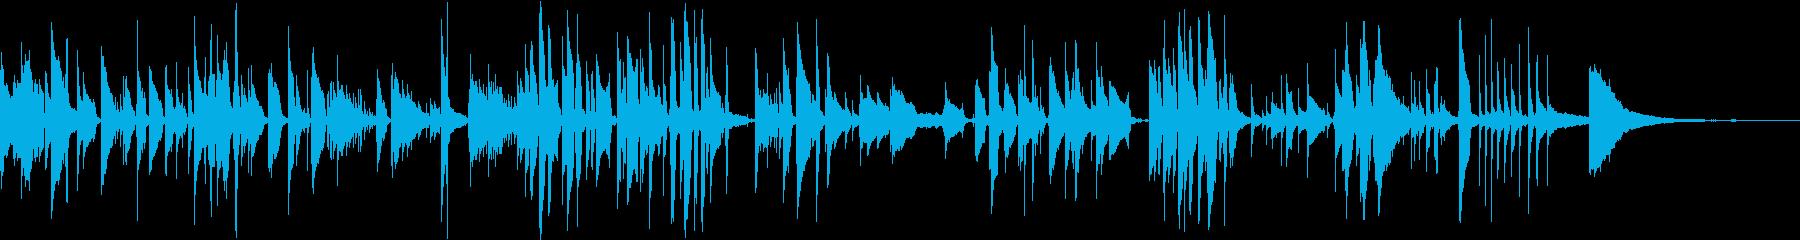 名曲「ふるさと」のソロギターアレンジの再生済みの波形